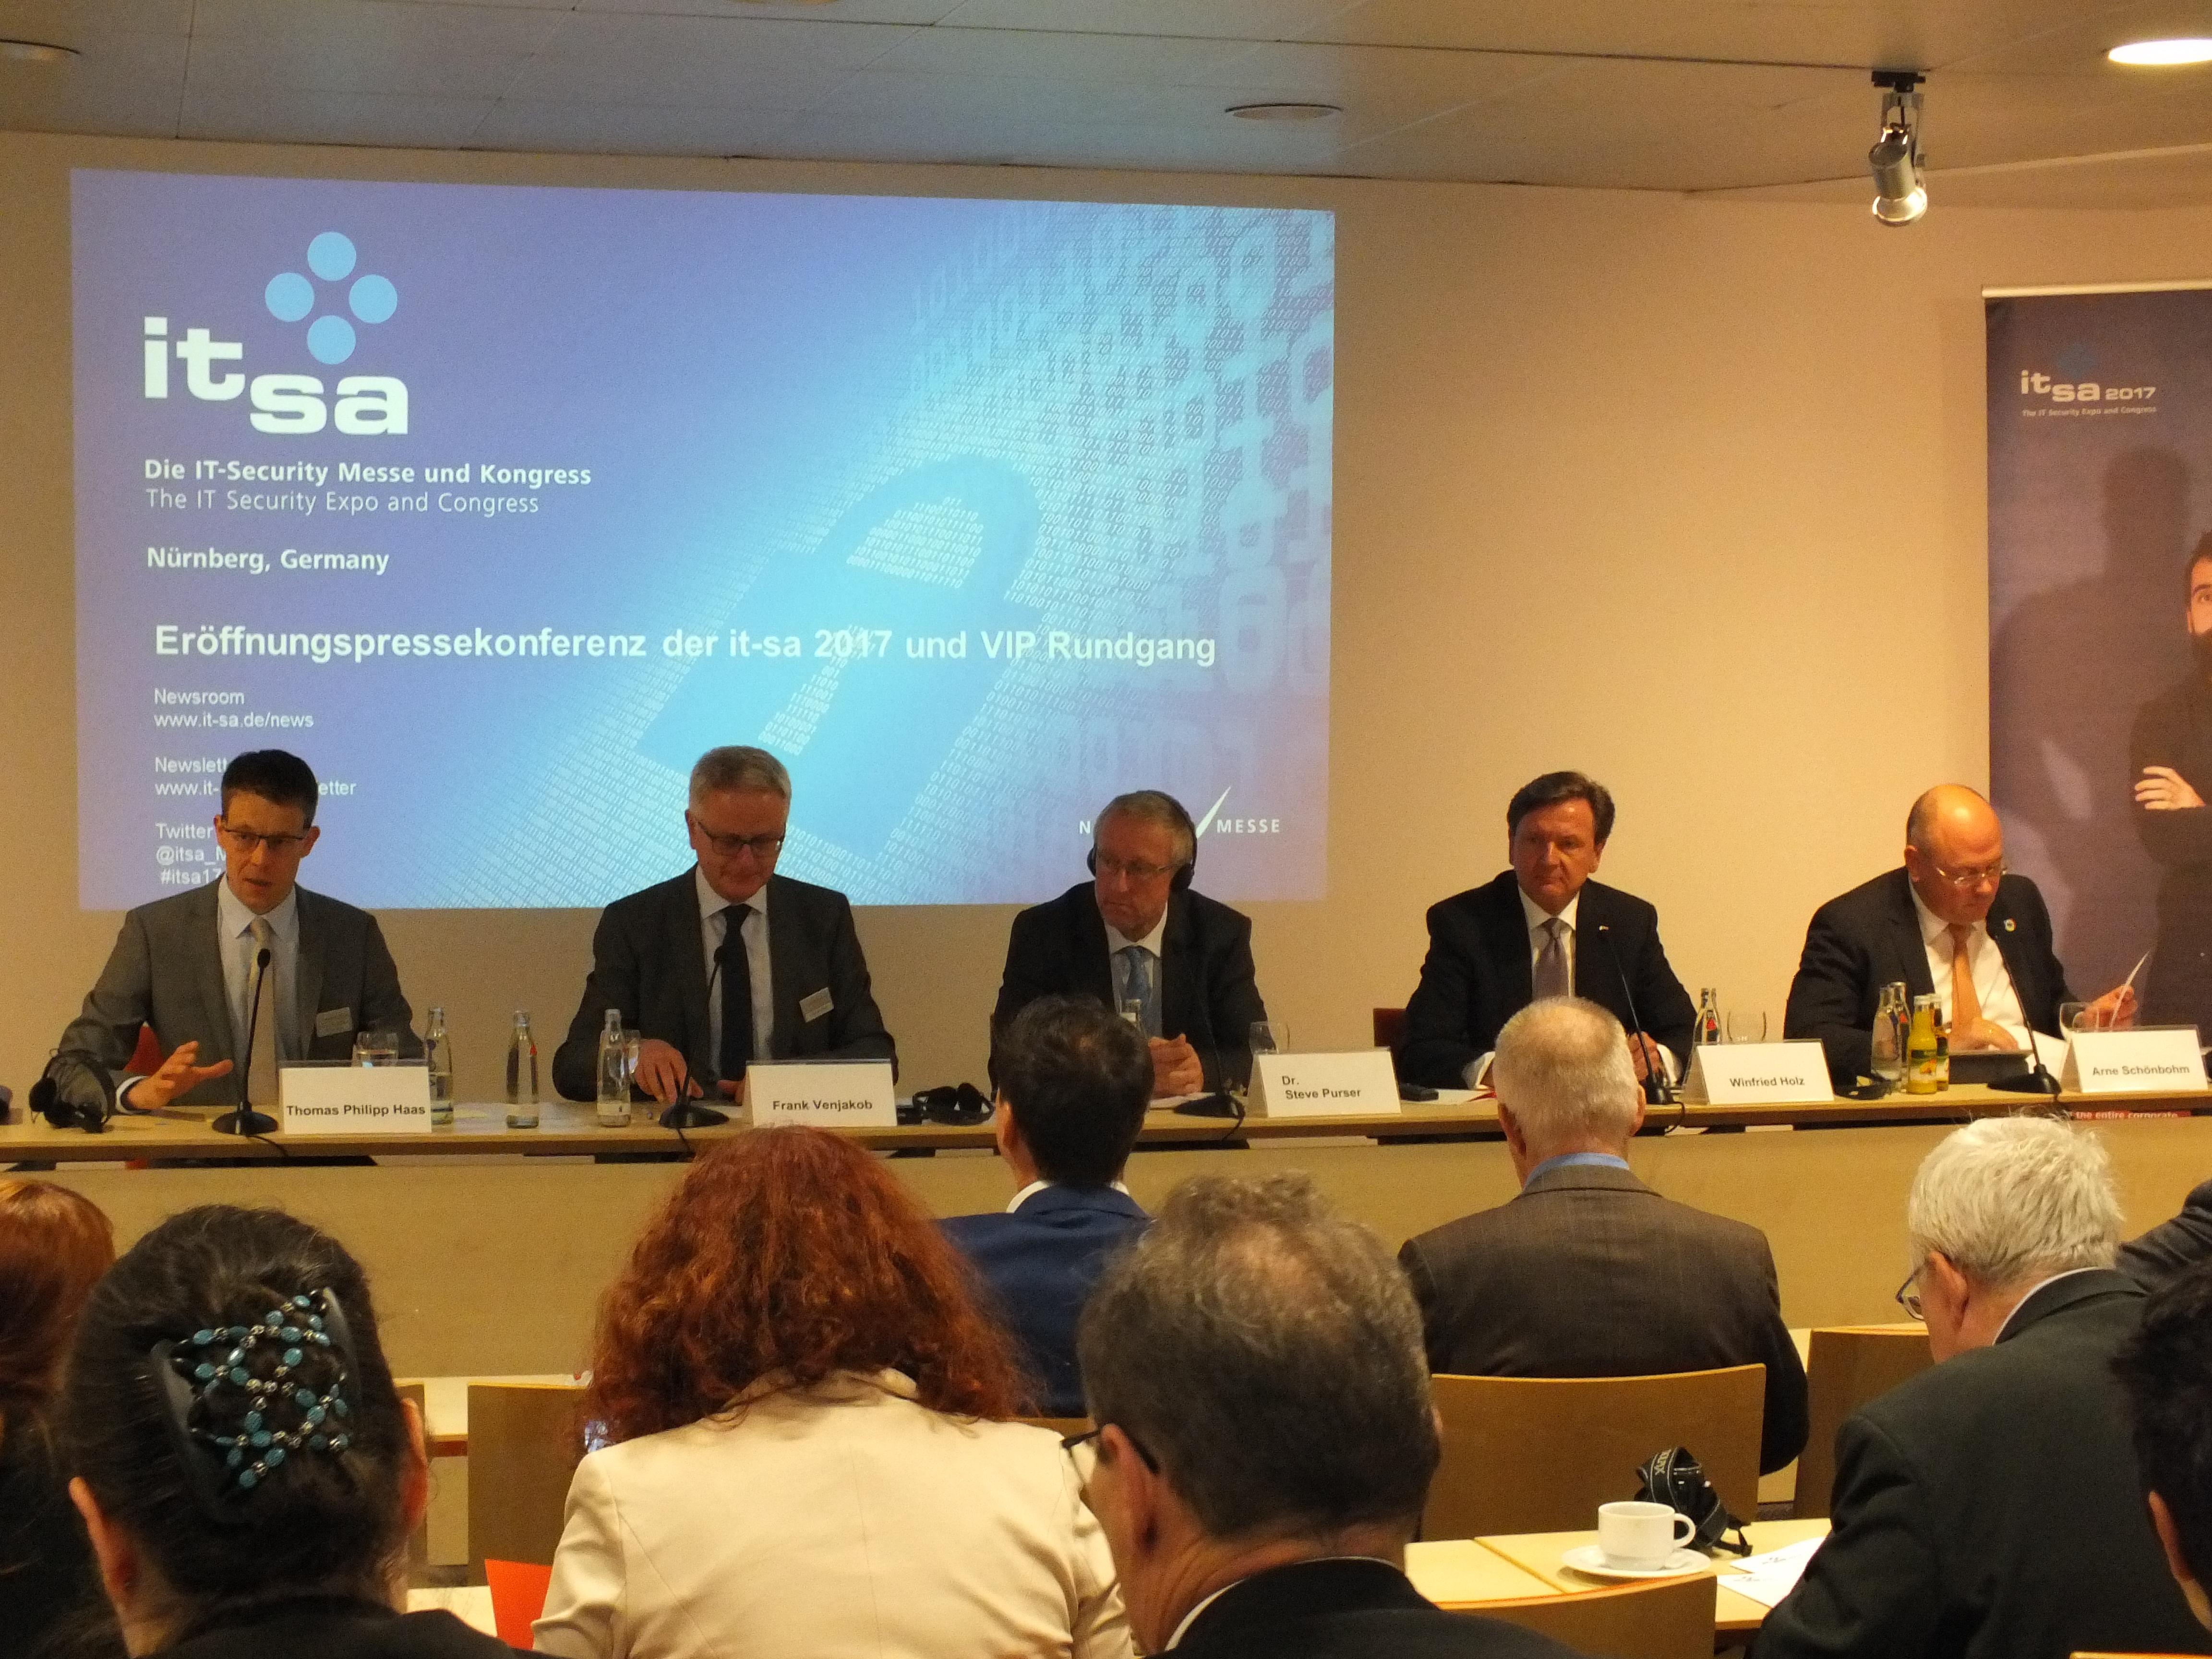 it-sa 2017: Eröffnungspressekonferenz